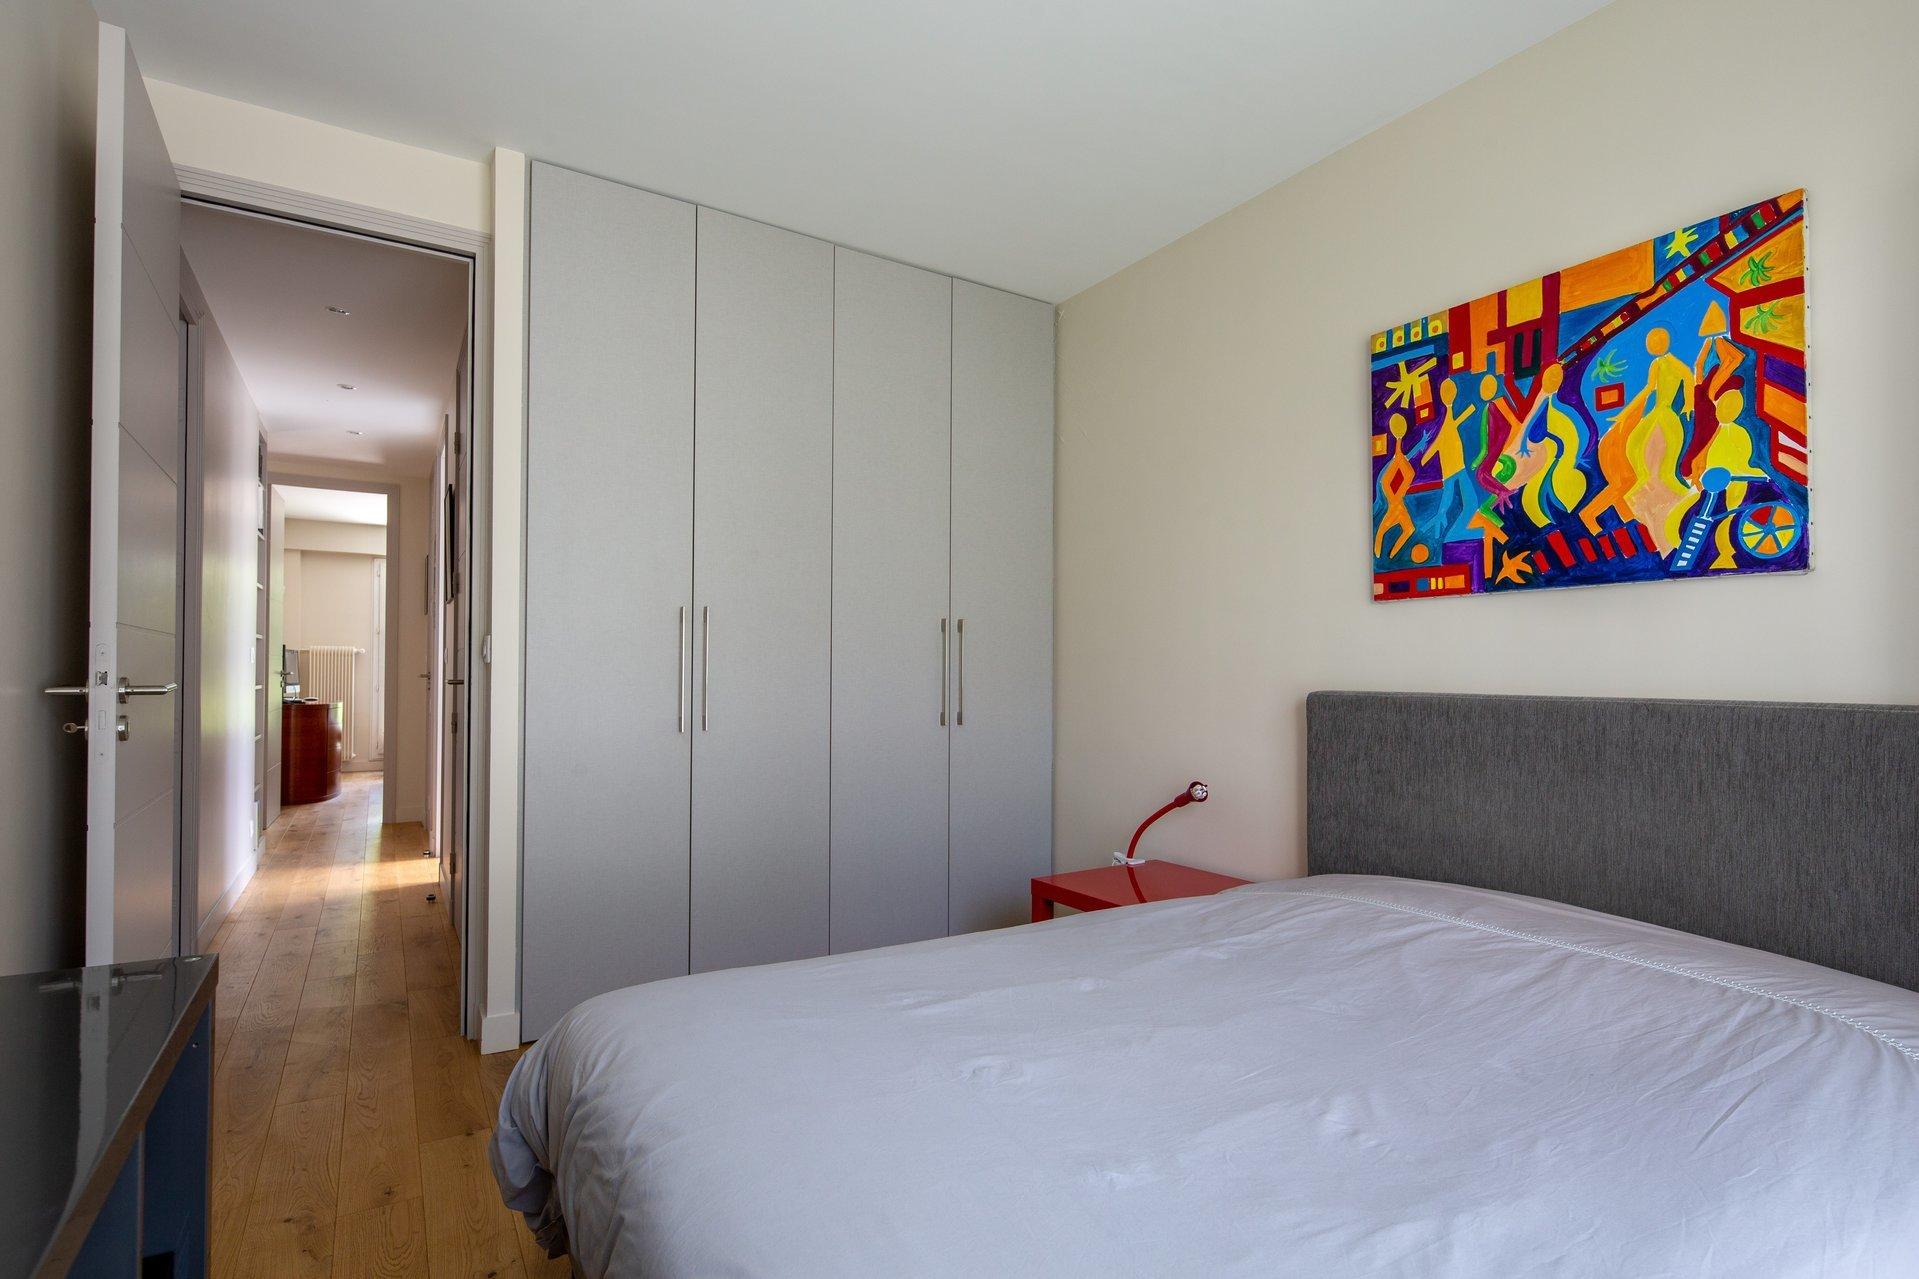 Sale Apartment - Boulogne-Billancourt Prince–Marmottan